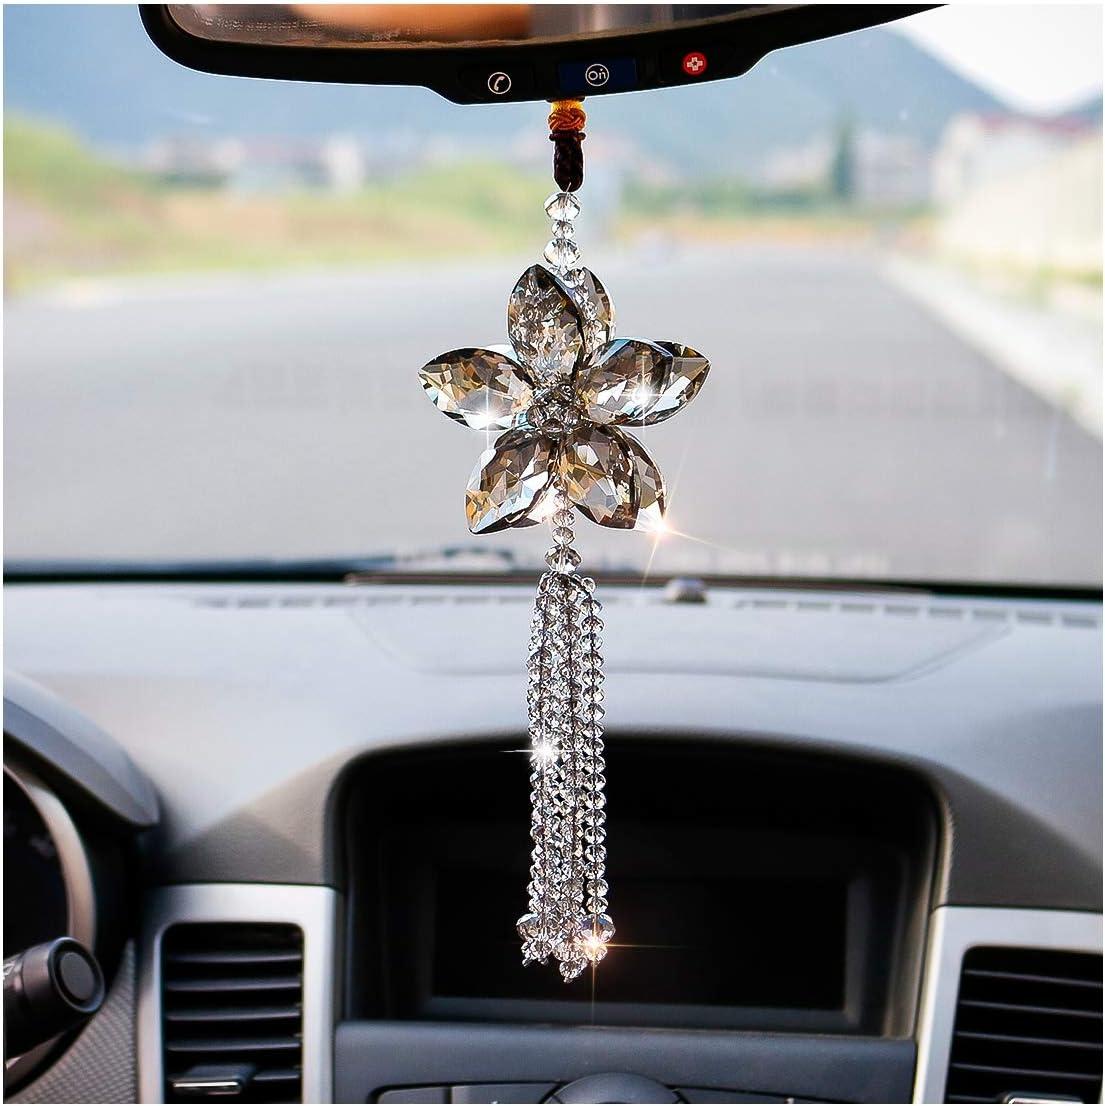 H D Hyaline Dora Kristall Auto Rückspiegel Ornament Auto Anhänger Glückskristall Fenster Zum Aufhängen Auto Zubehör Regenbogen Grau Küche Haushalt